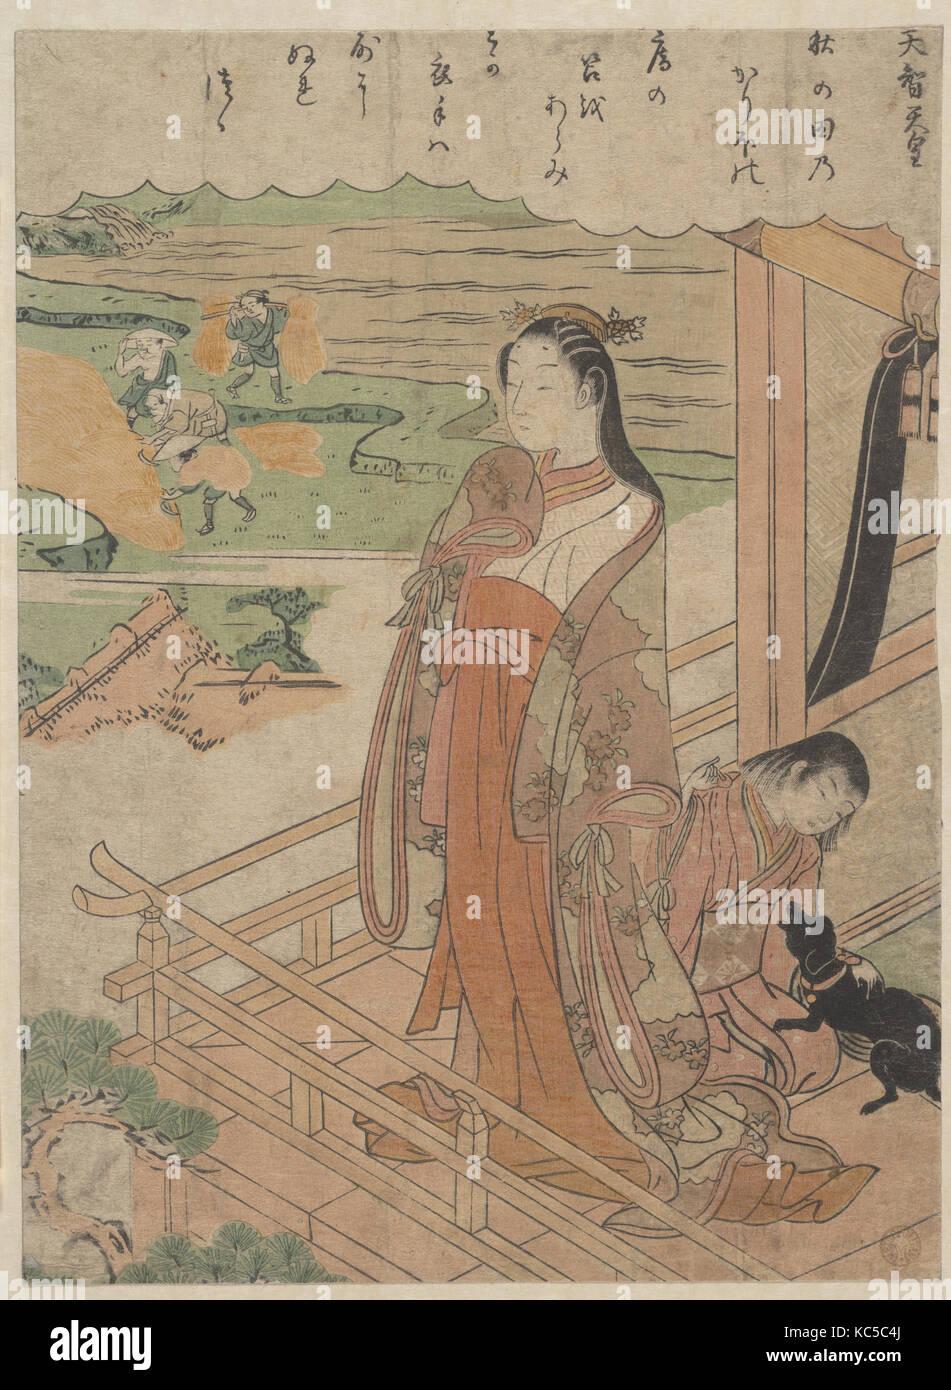 百人一首 天智天皇, de sympathie, de la période Edo (1615-1868), ca. 1768, le Japon, l'estampe Polychrome; Photo Stock